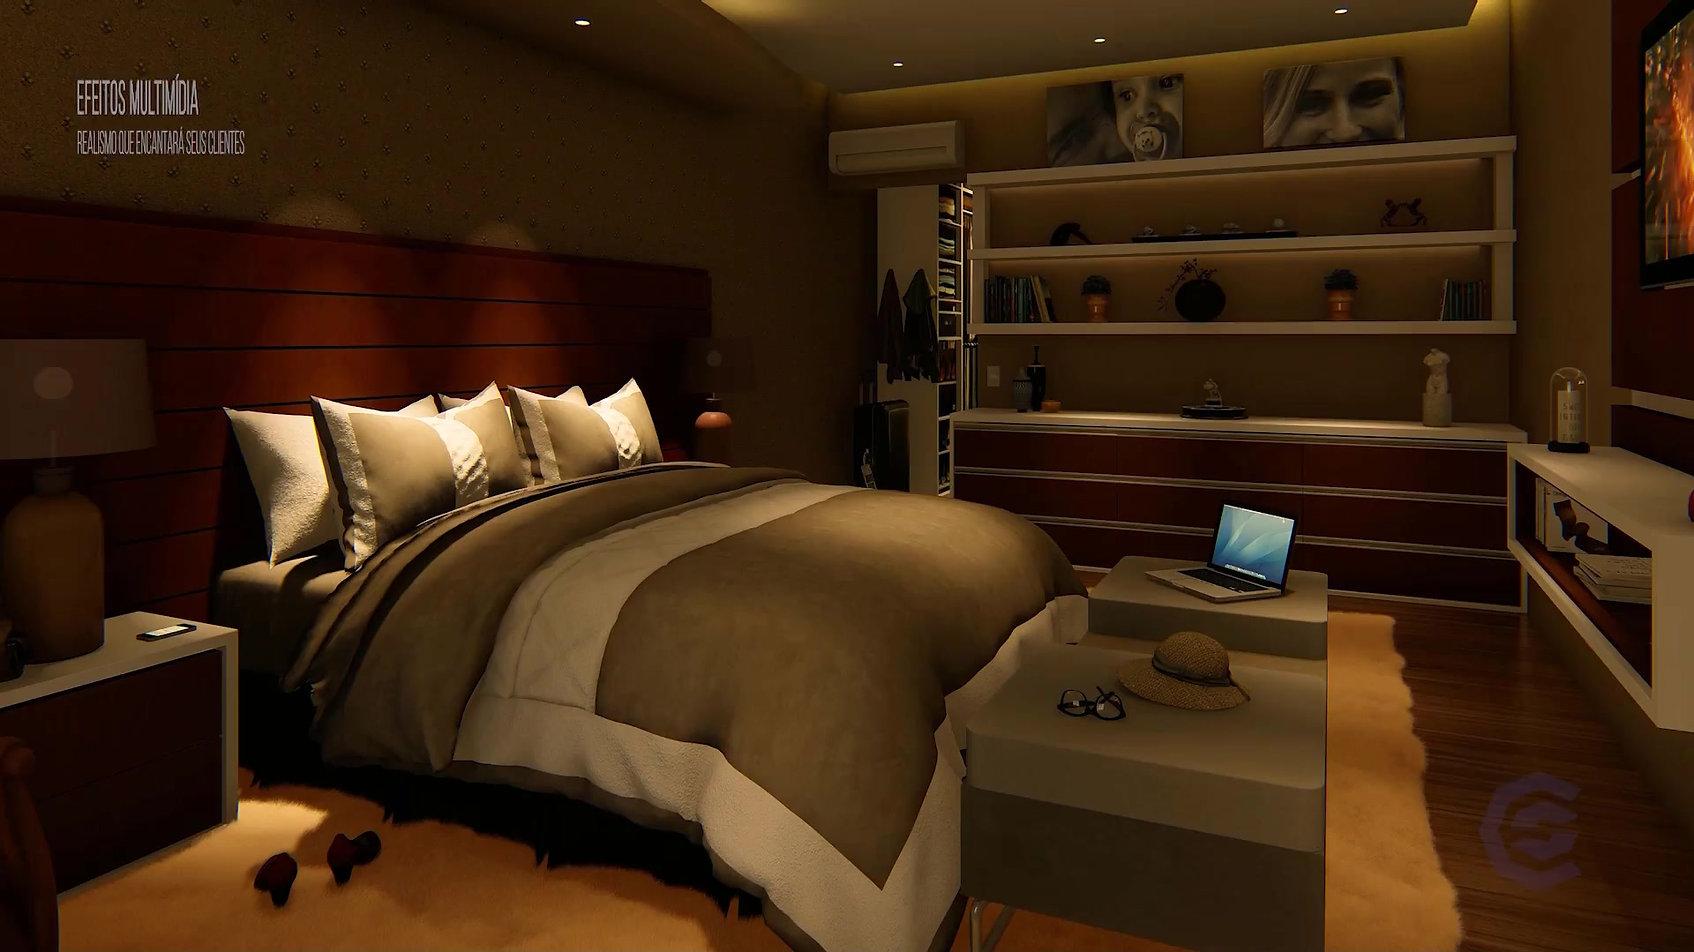 Exercício de animação interna dormitório.